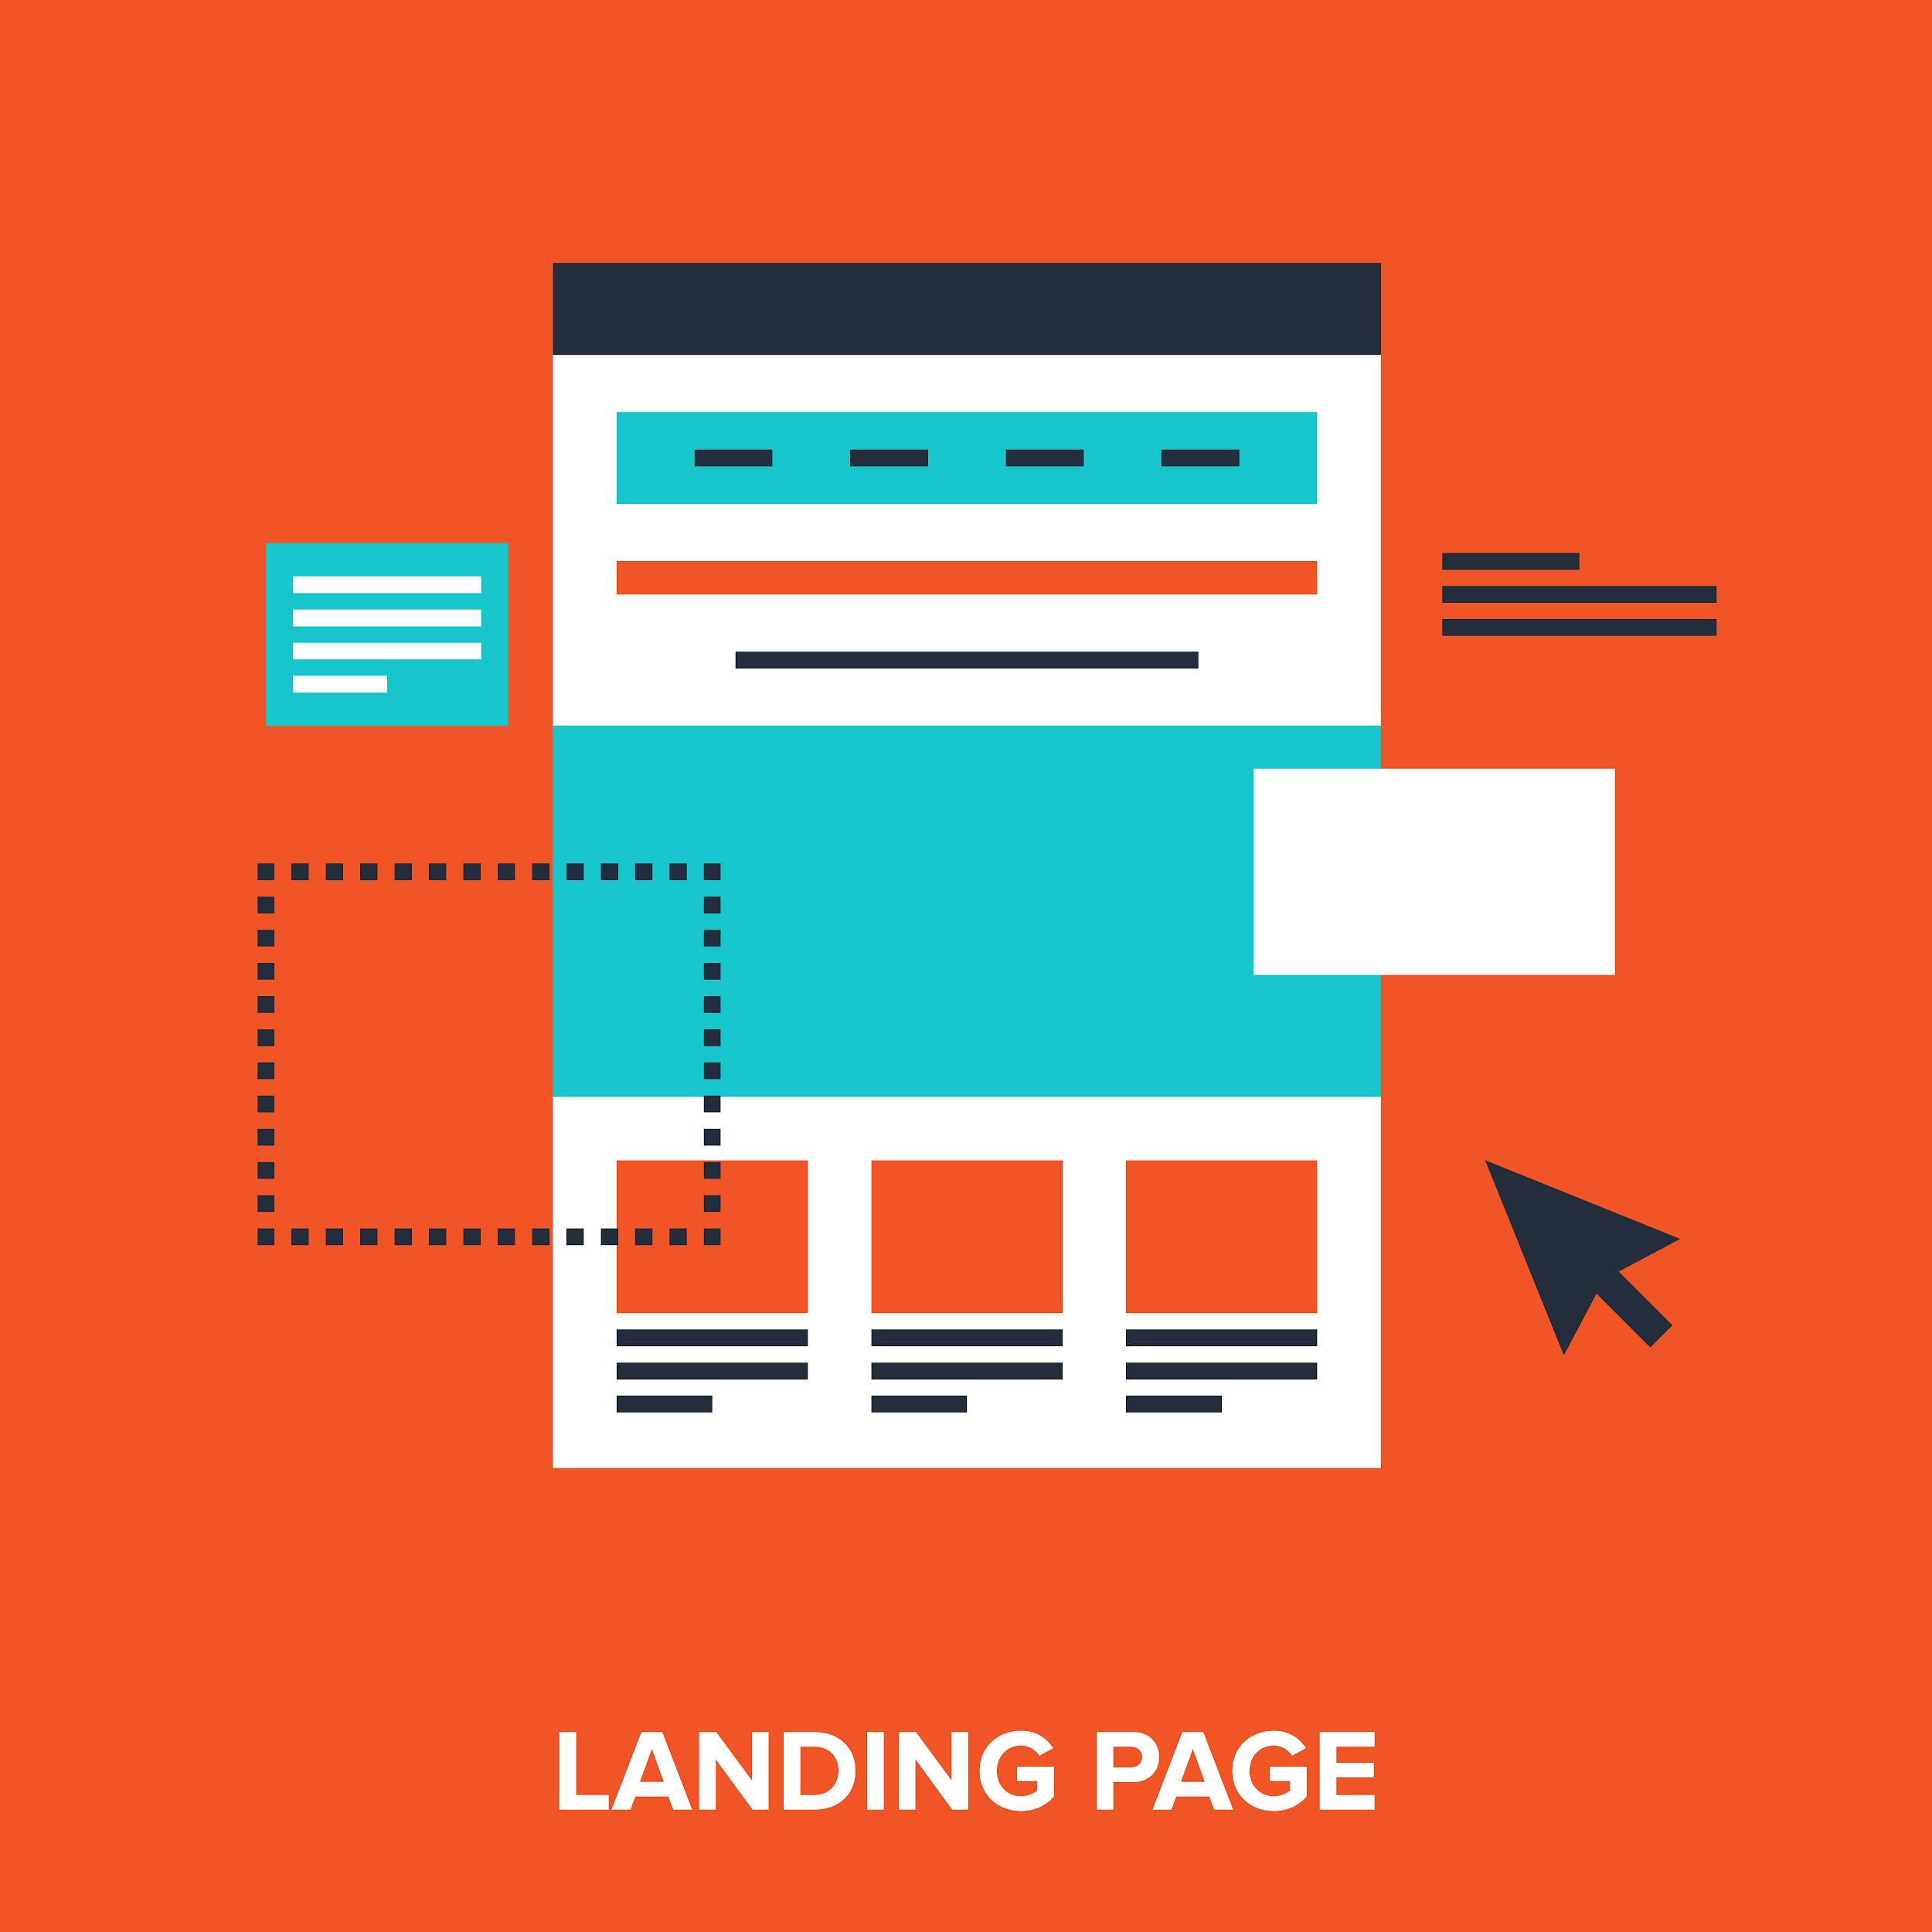 Sắp xếp bố cục trên landing page một cách hợp lý sẽ giúp bạn níu được người dùng ở lại trang của mình lâu hơn.